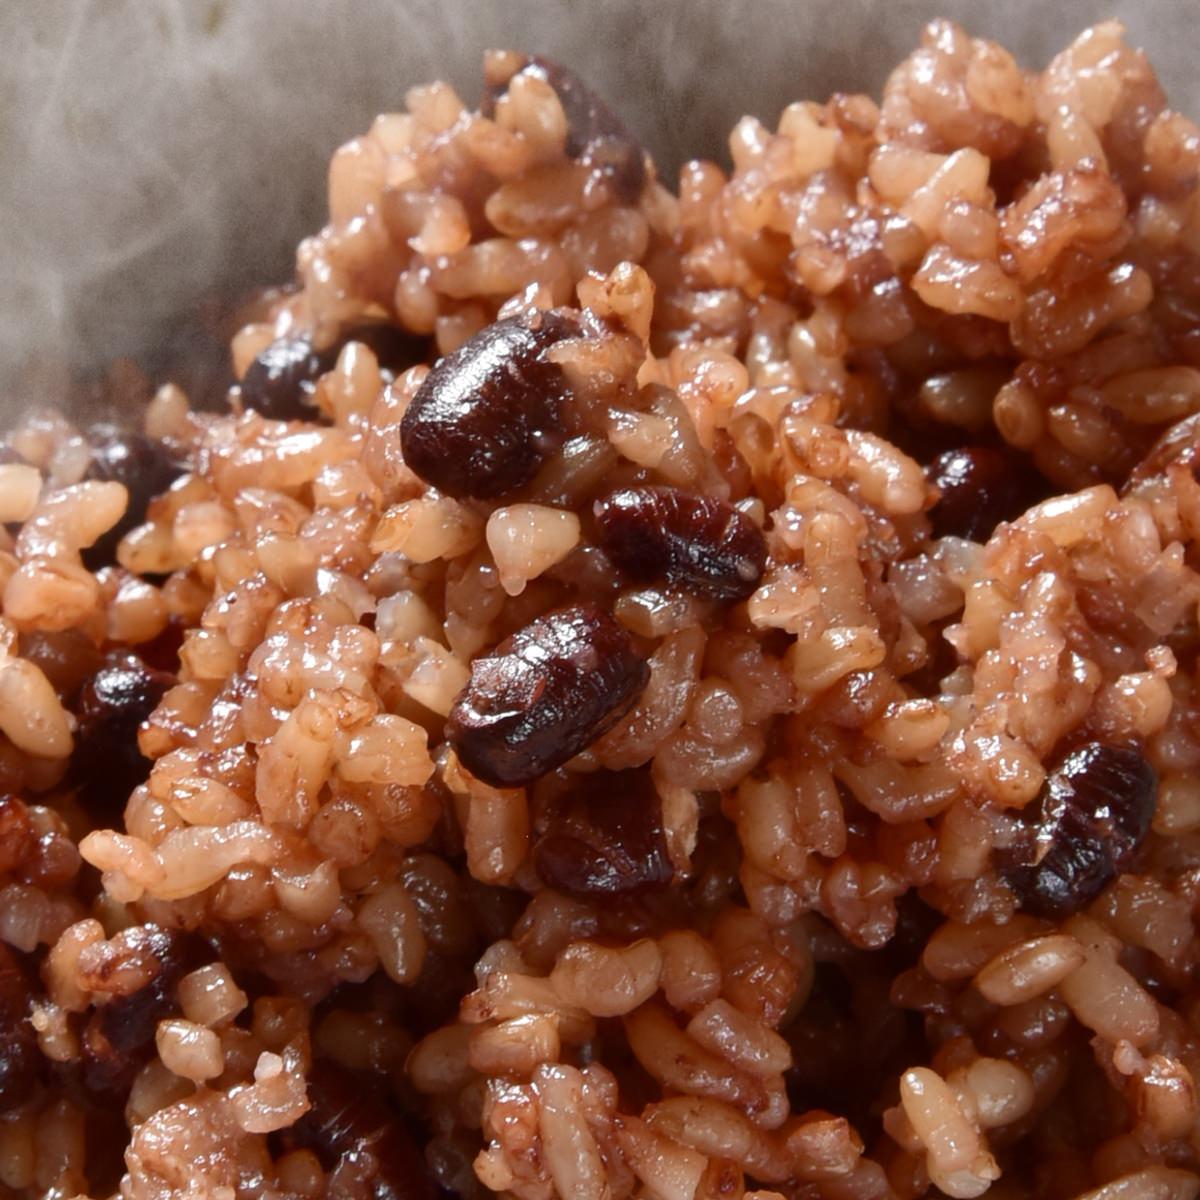 春日屋 レンジ対応! 3日寝かせ 発芽酵素玄米ごはん 12食 冷凍〔125g×12〕